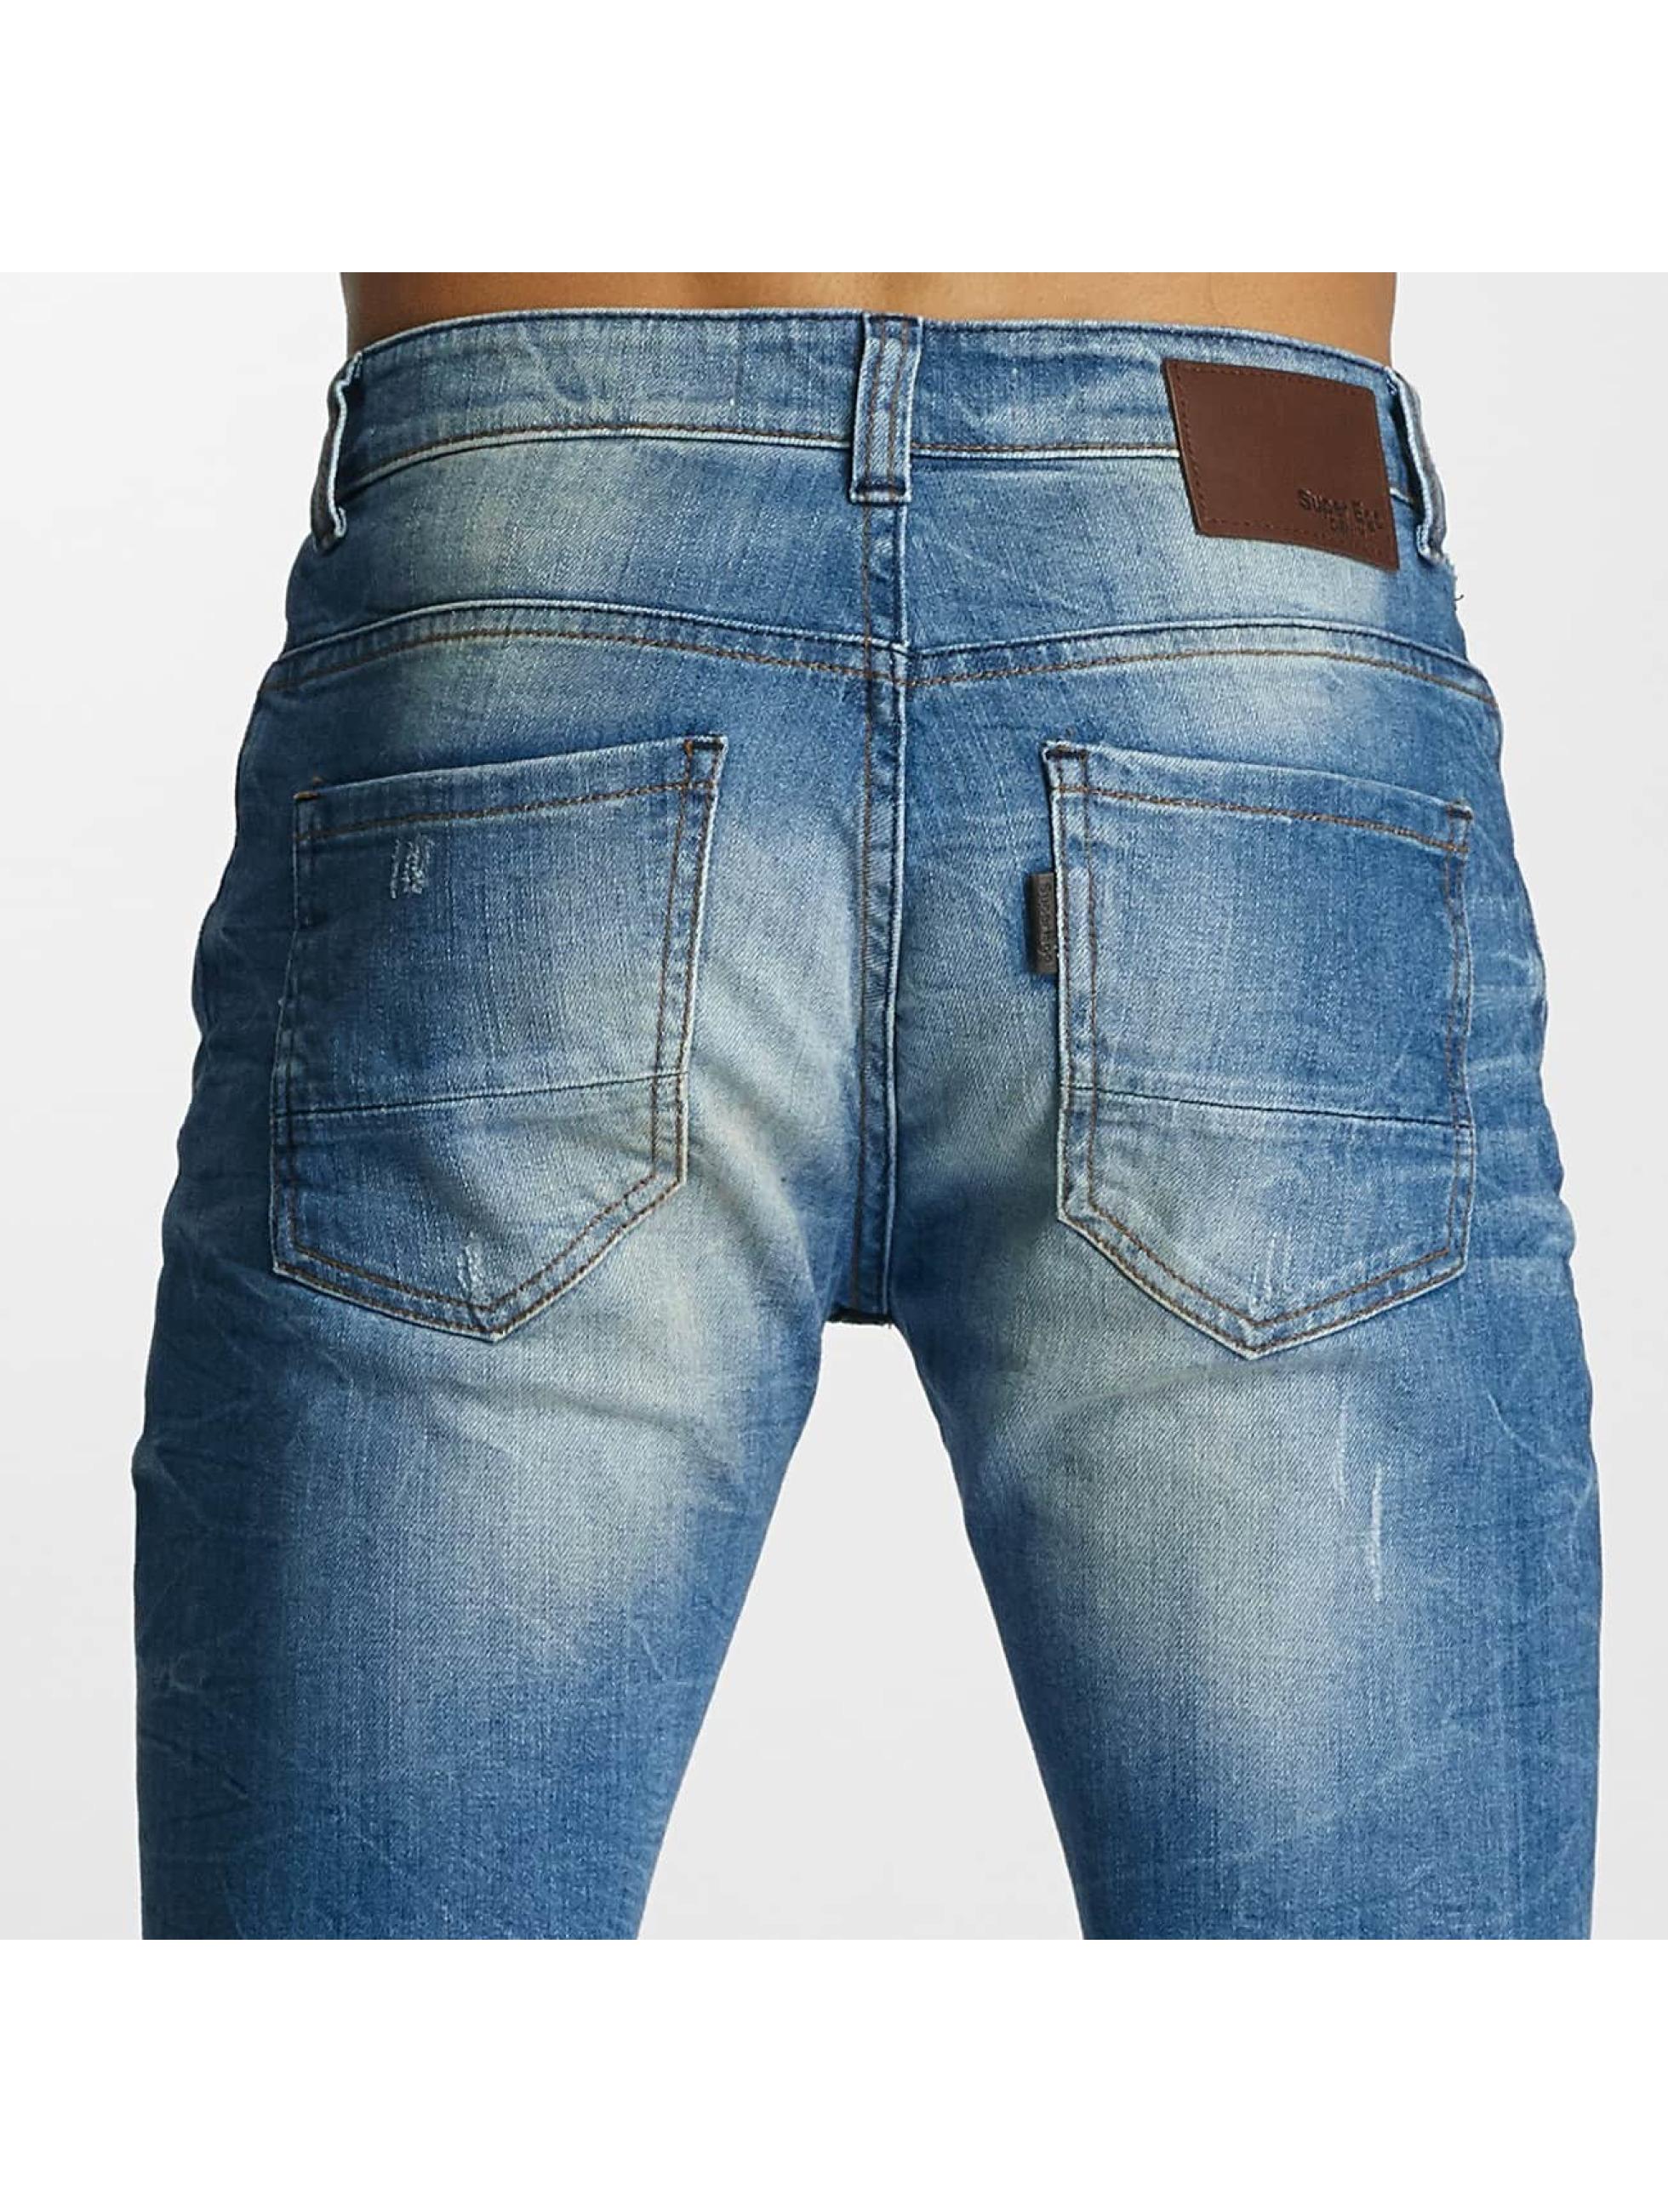 Paris Premium Straight fit jeans Dirt blauw